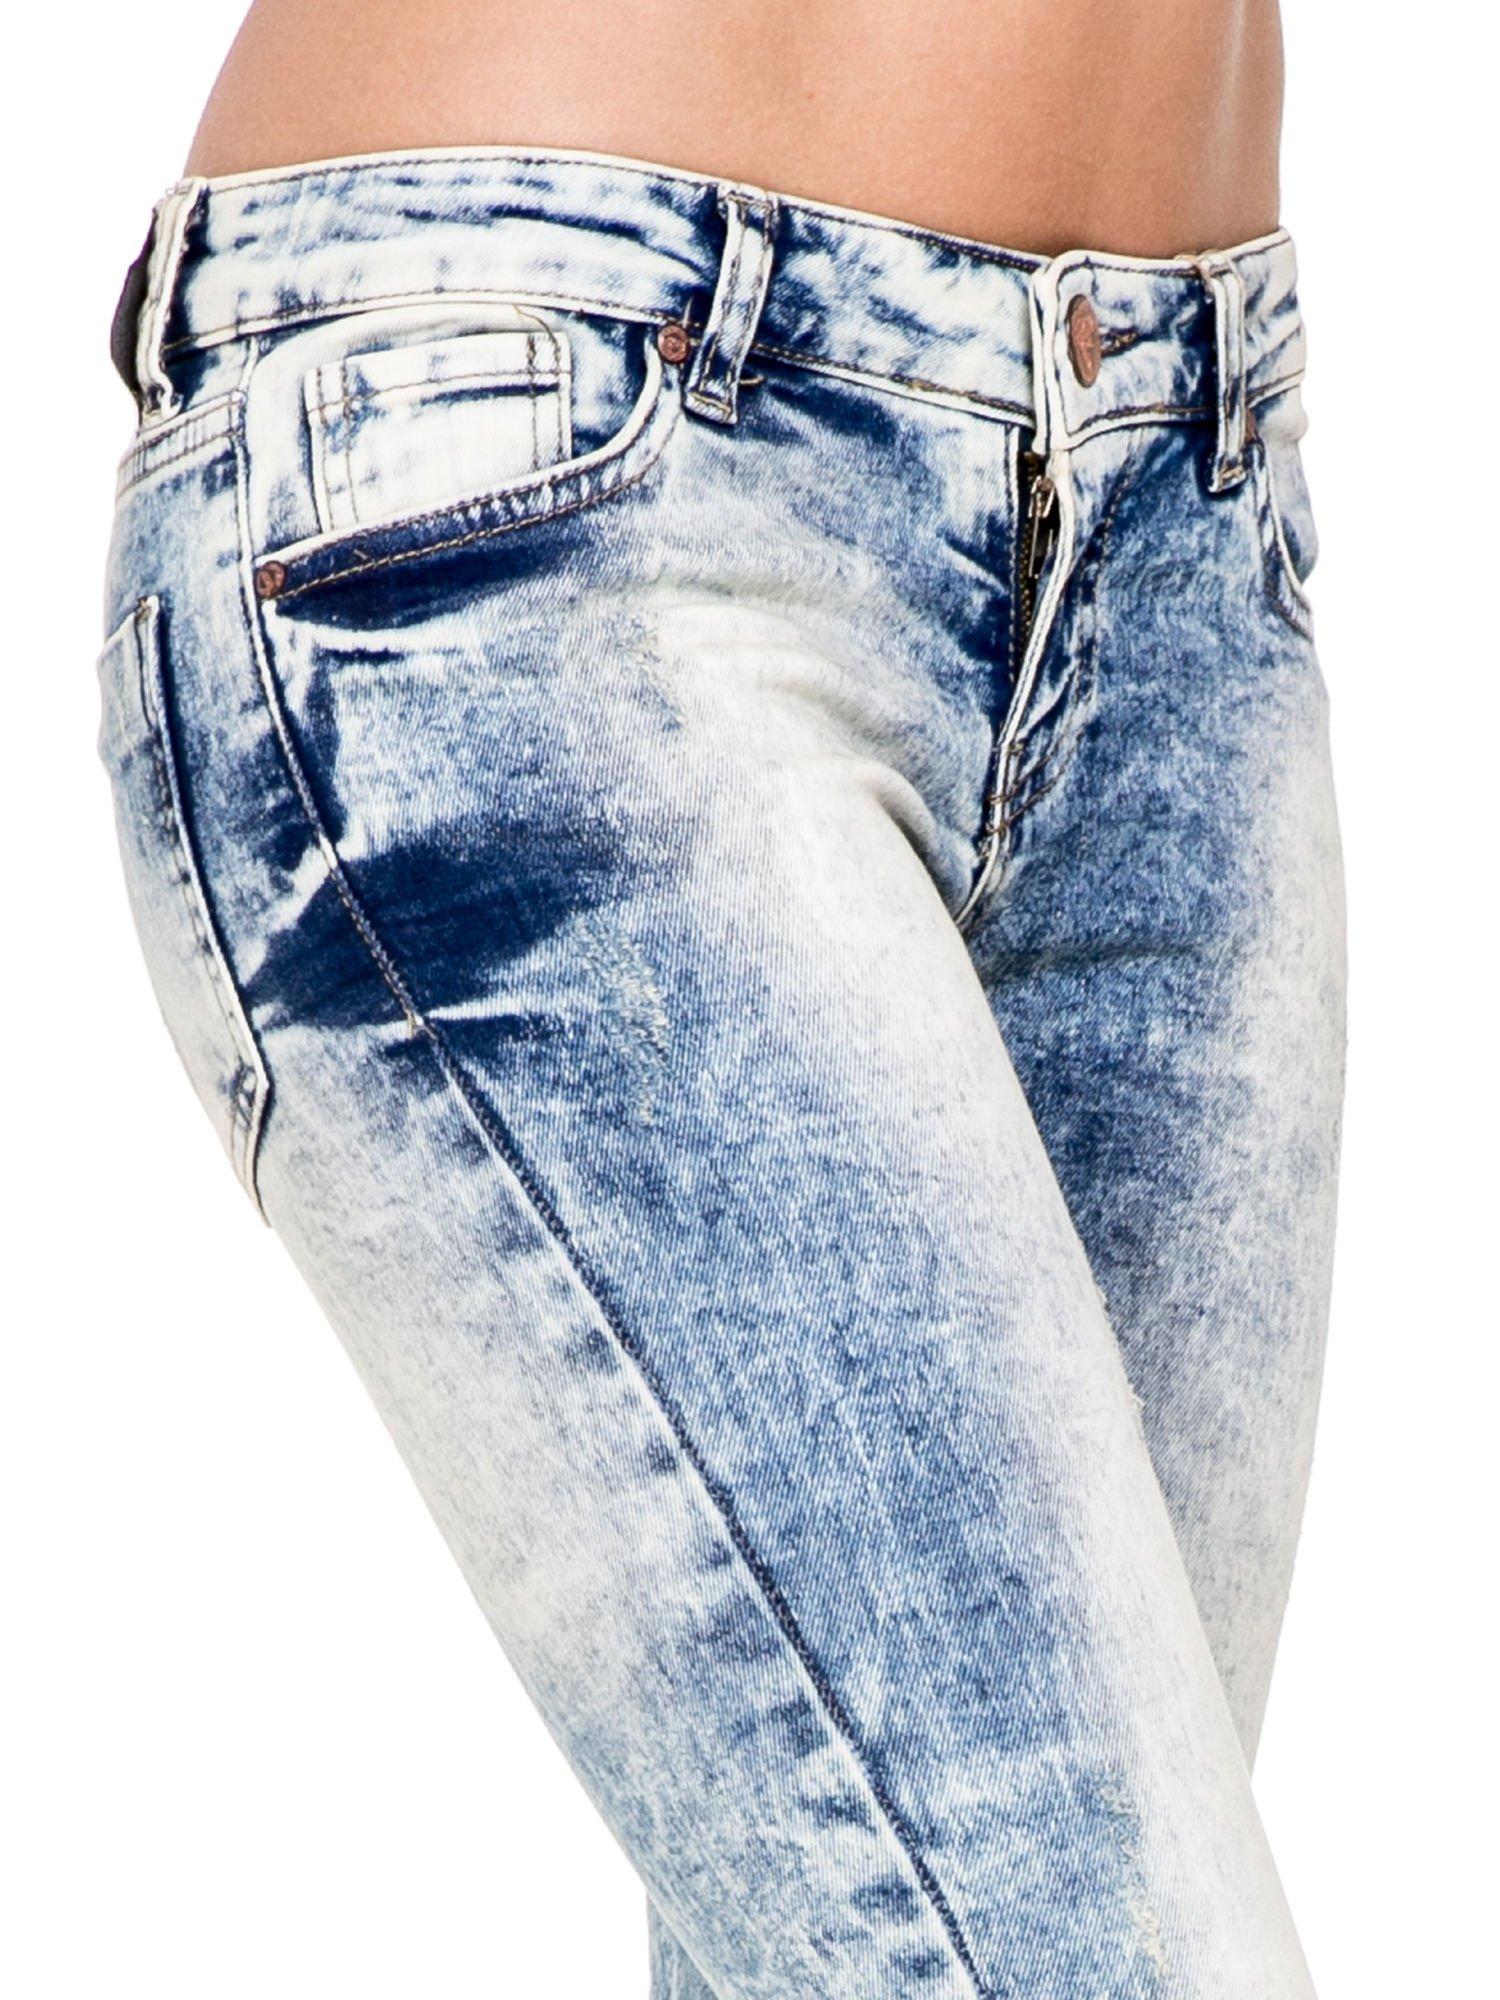 Jasnoniebieskie spodnie skinny jeans z dziurami i modelującym rozjaśnieniem                                  zdj.                                  6